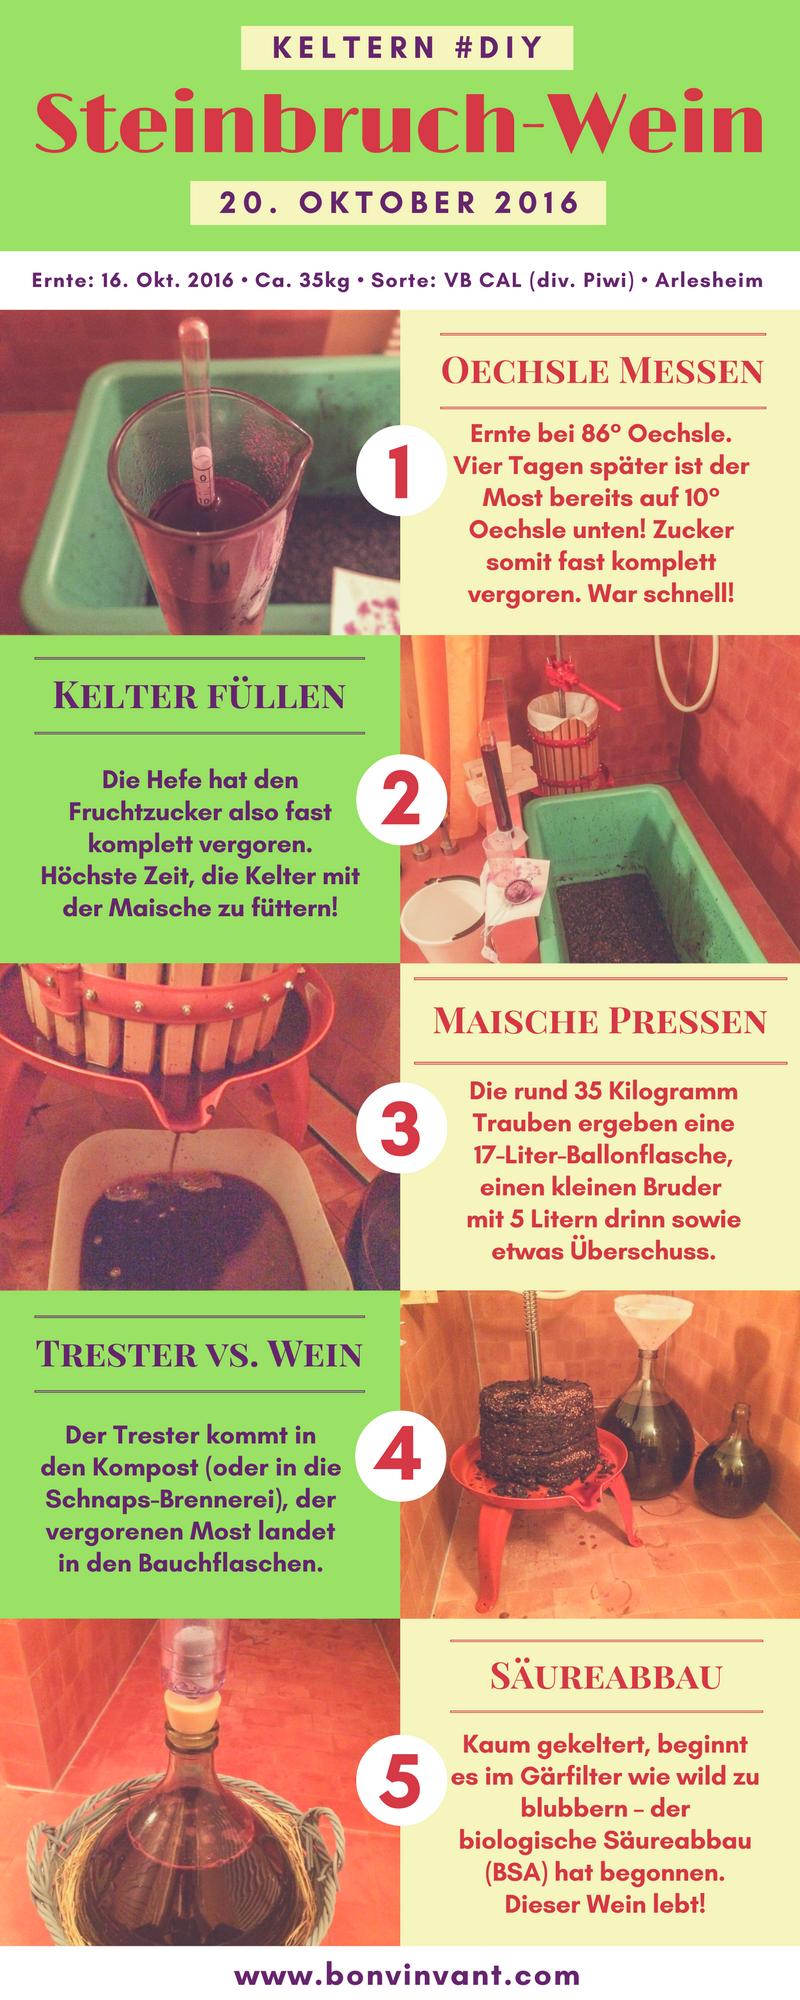 161020_steinbruch-wein_keltern_grafik